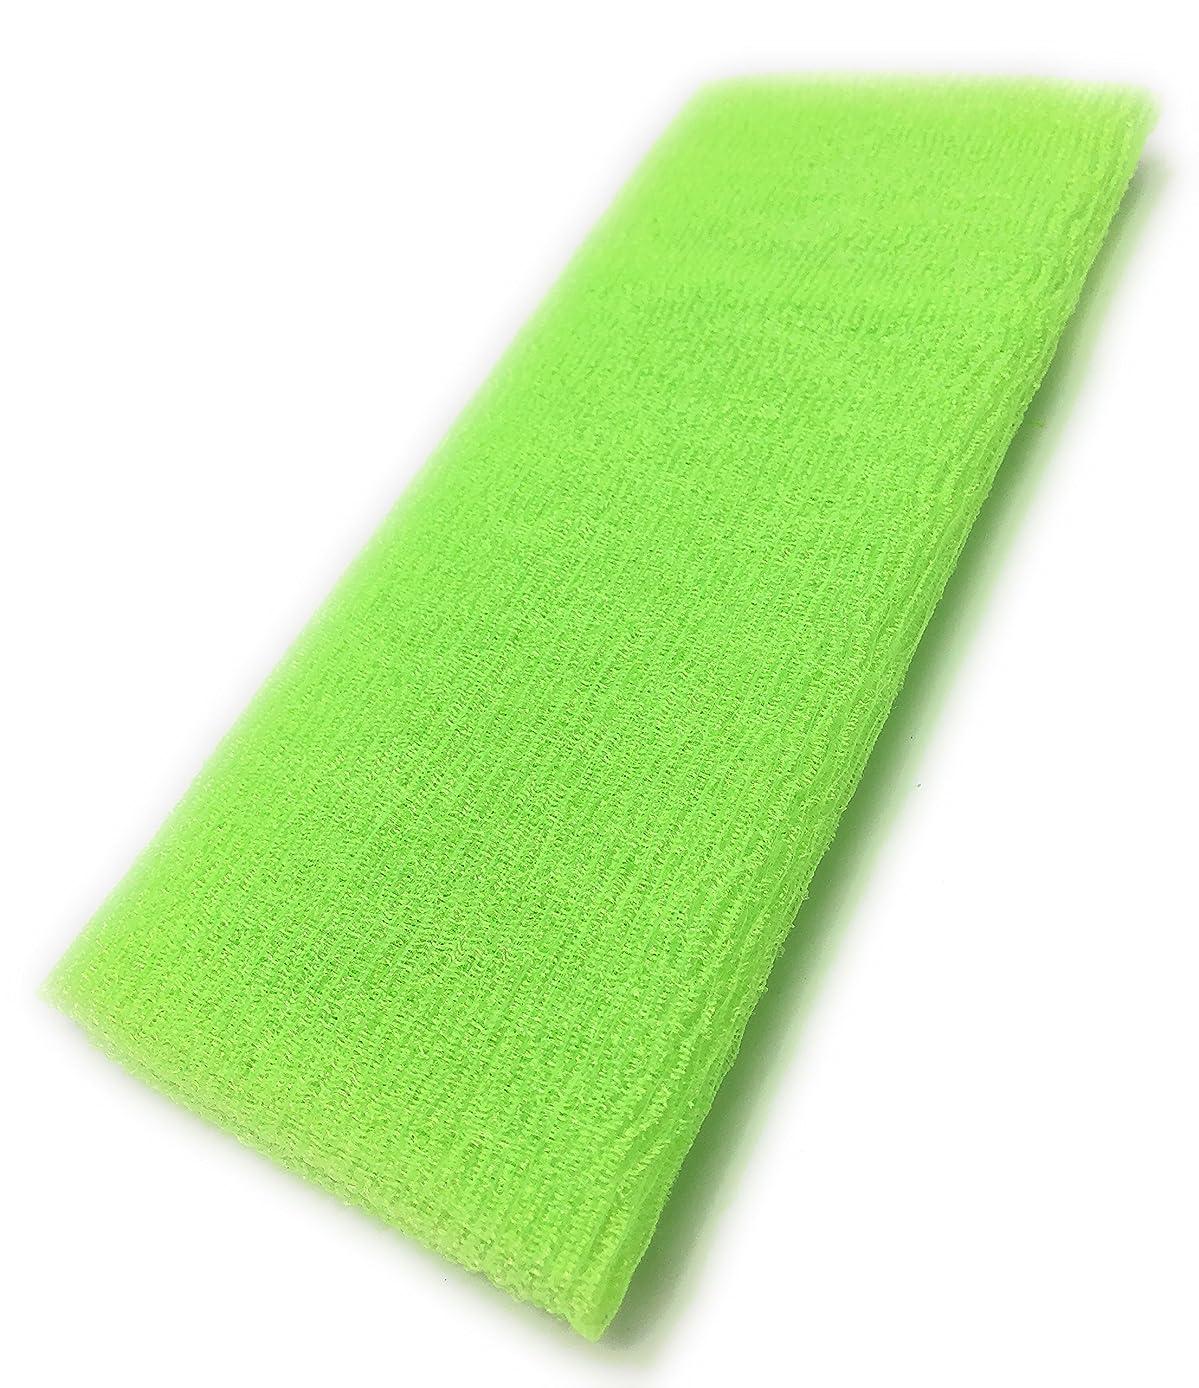 技術的な補助金数字Maltose あかすりタオル ボディタオル ロングボディブラシ やわらか 濃密泡 背中 お風呂用 メンズ 4色 (グリーン)